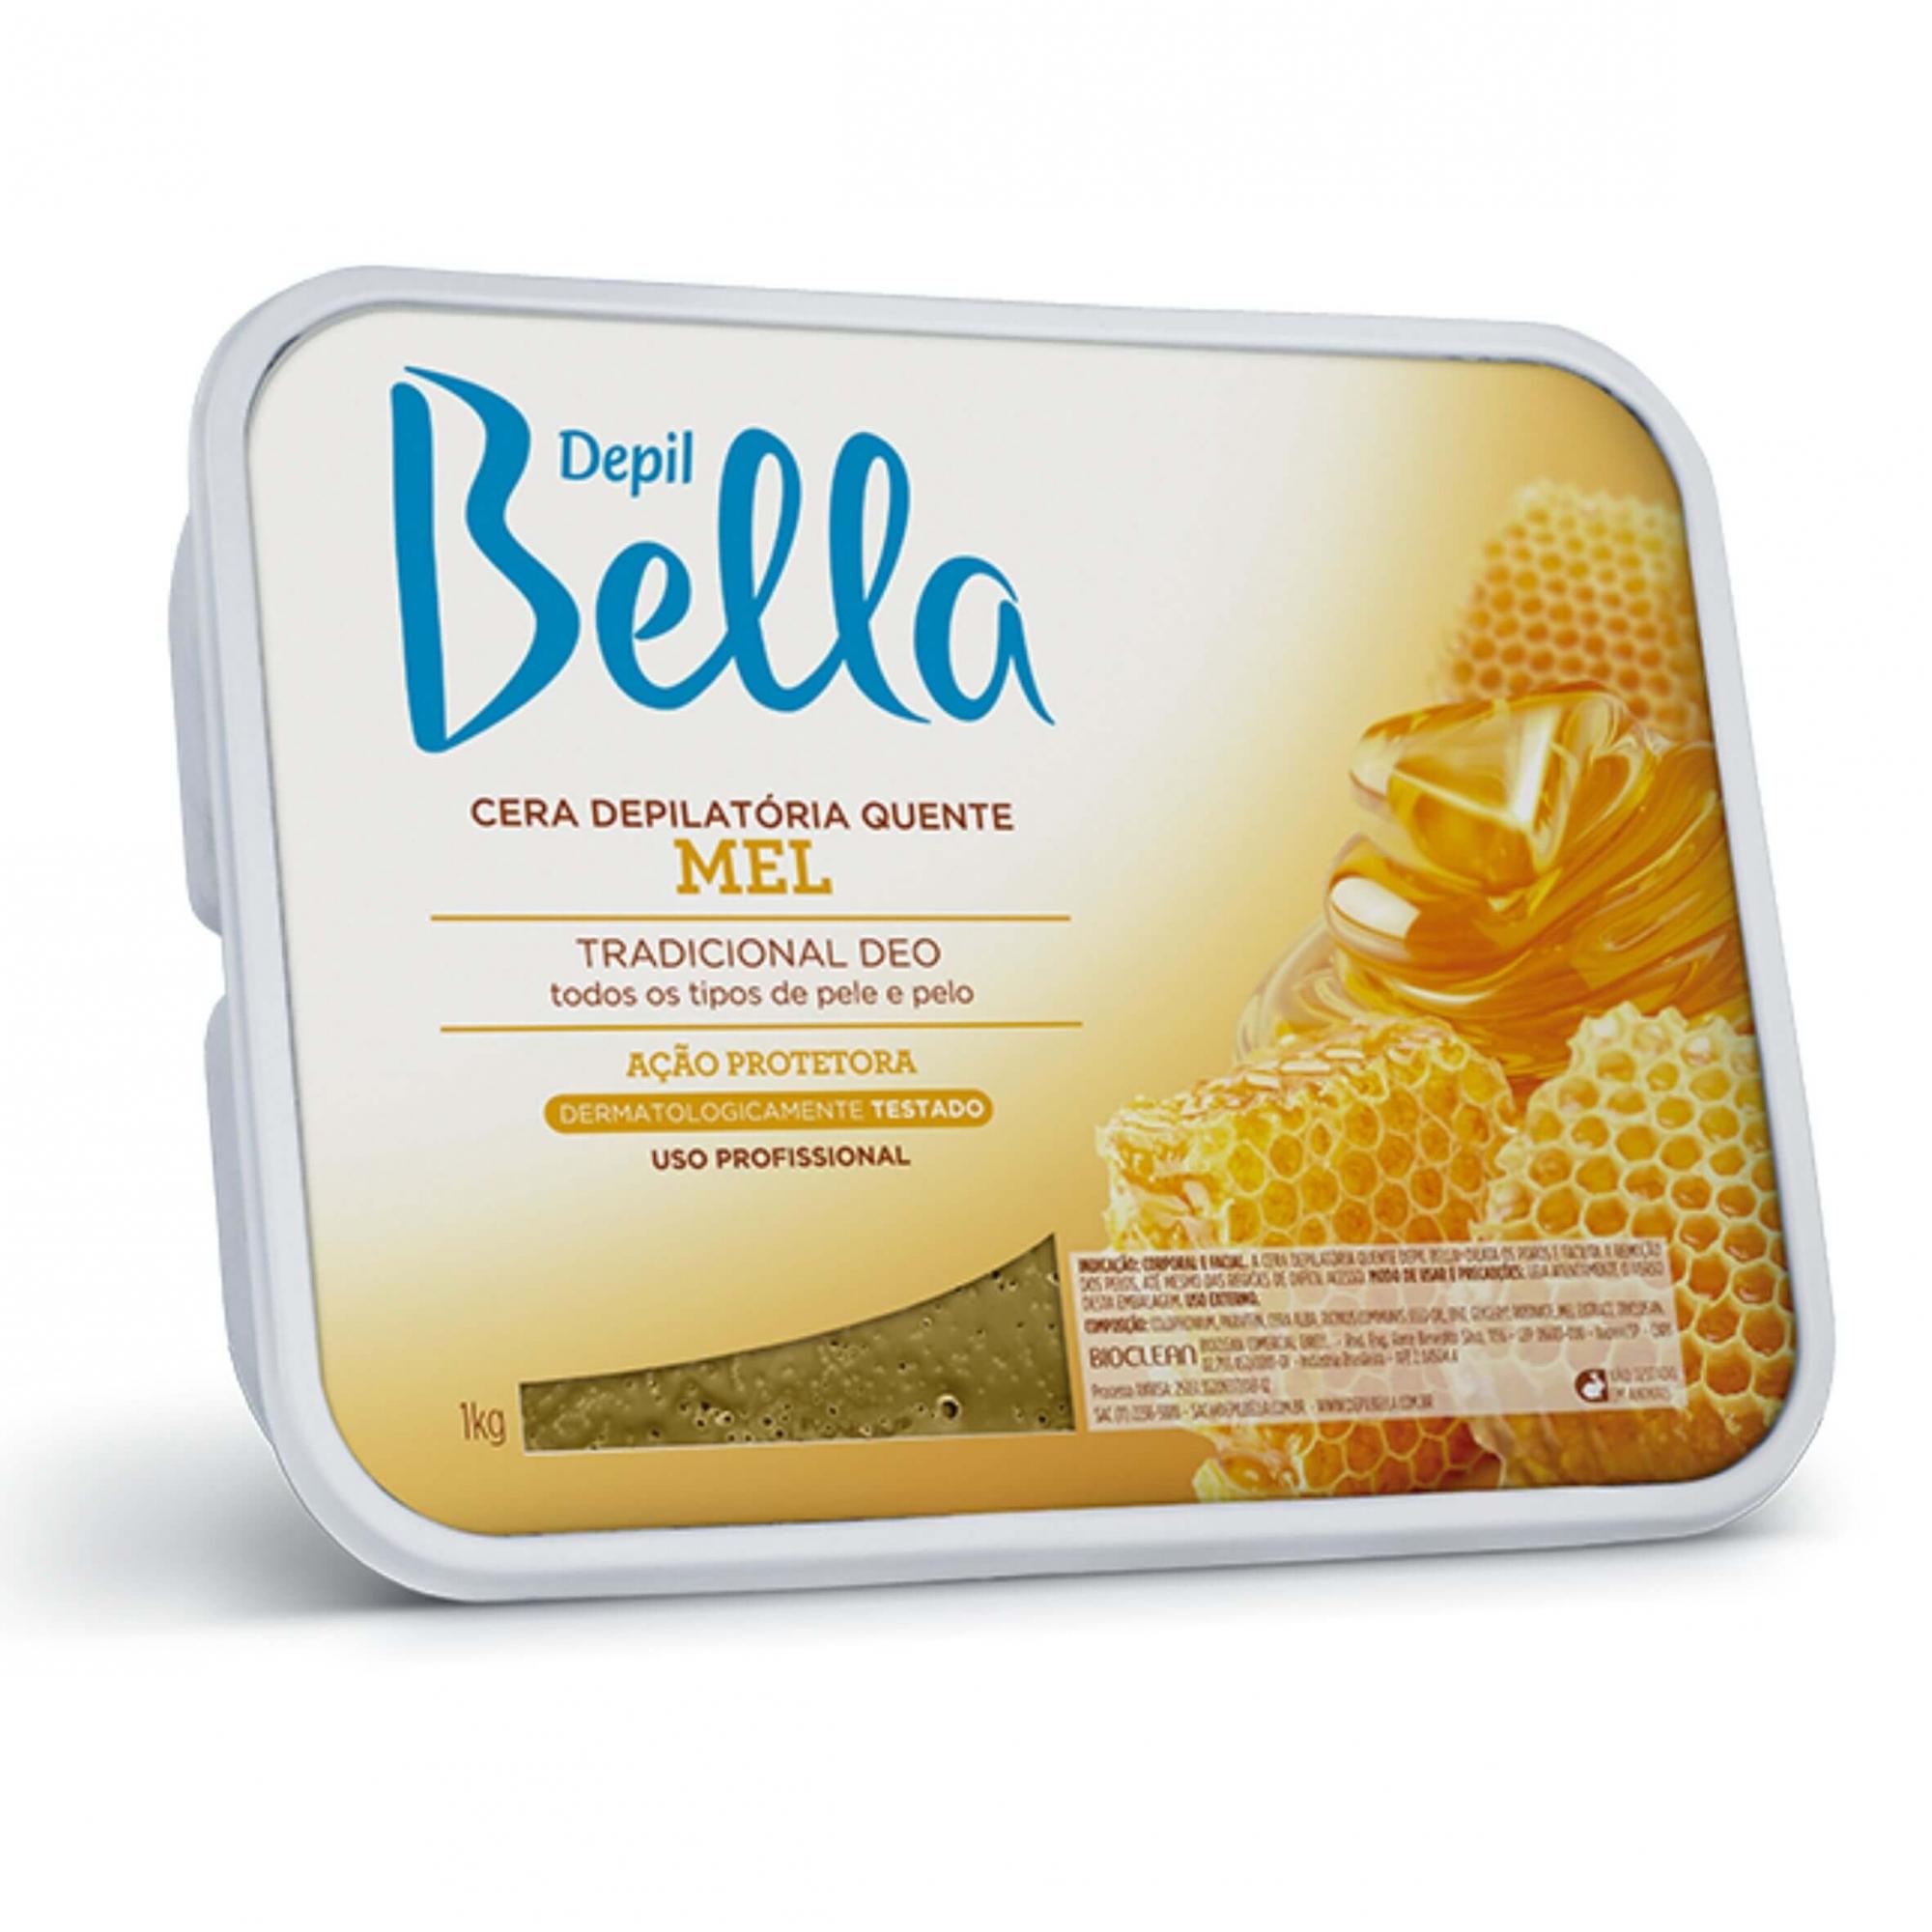 Cera Depilatória Quente Mel Depil Bella 1kg